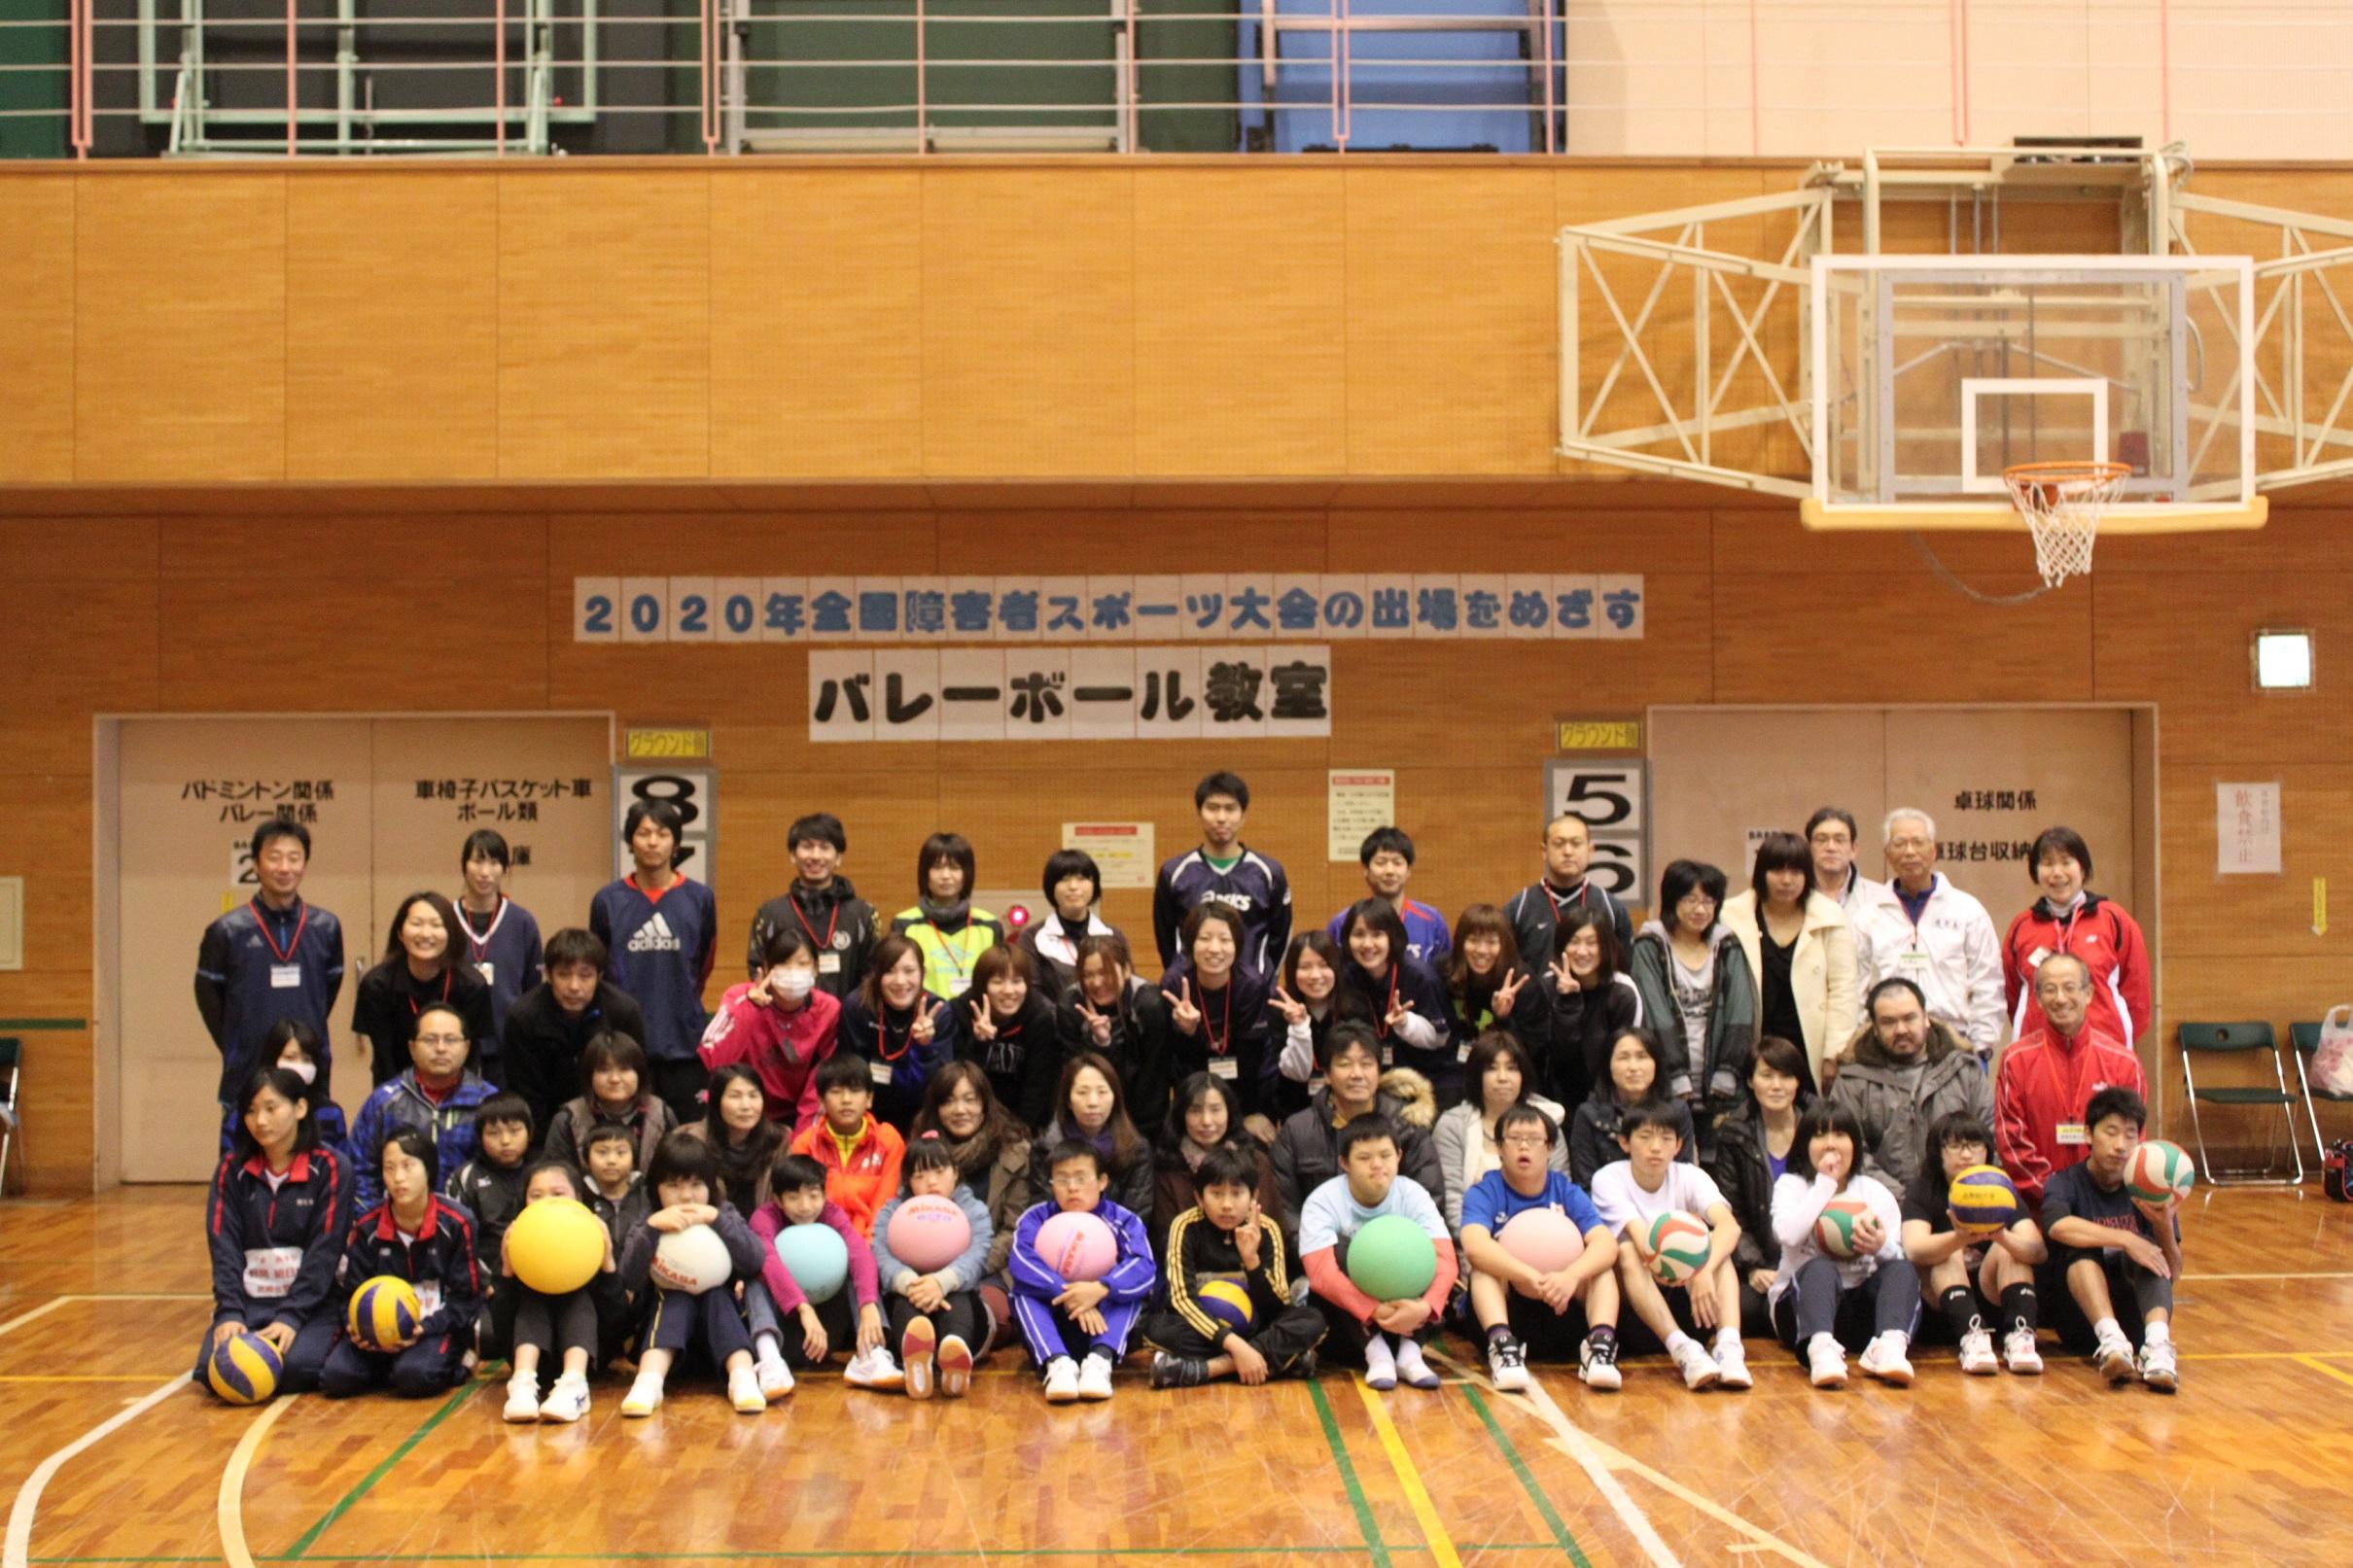 平成28年度知的障害者バレーボール教室について!